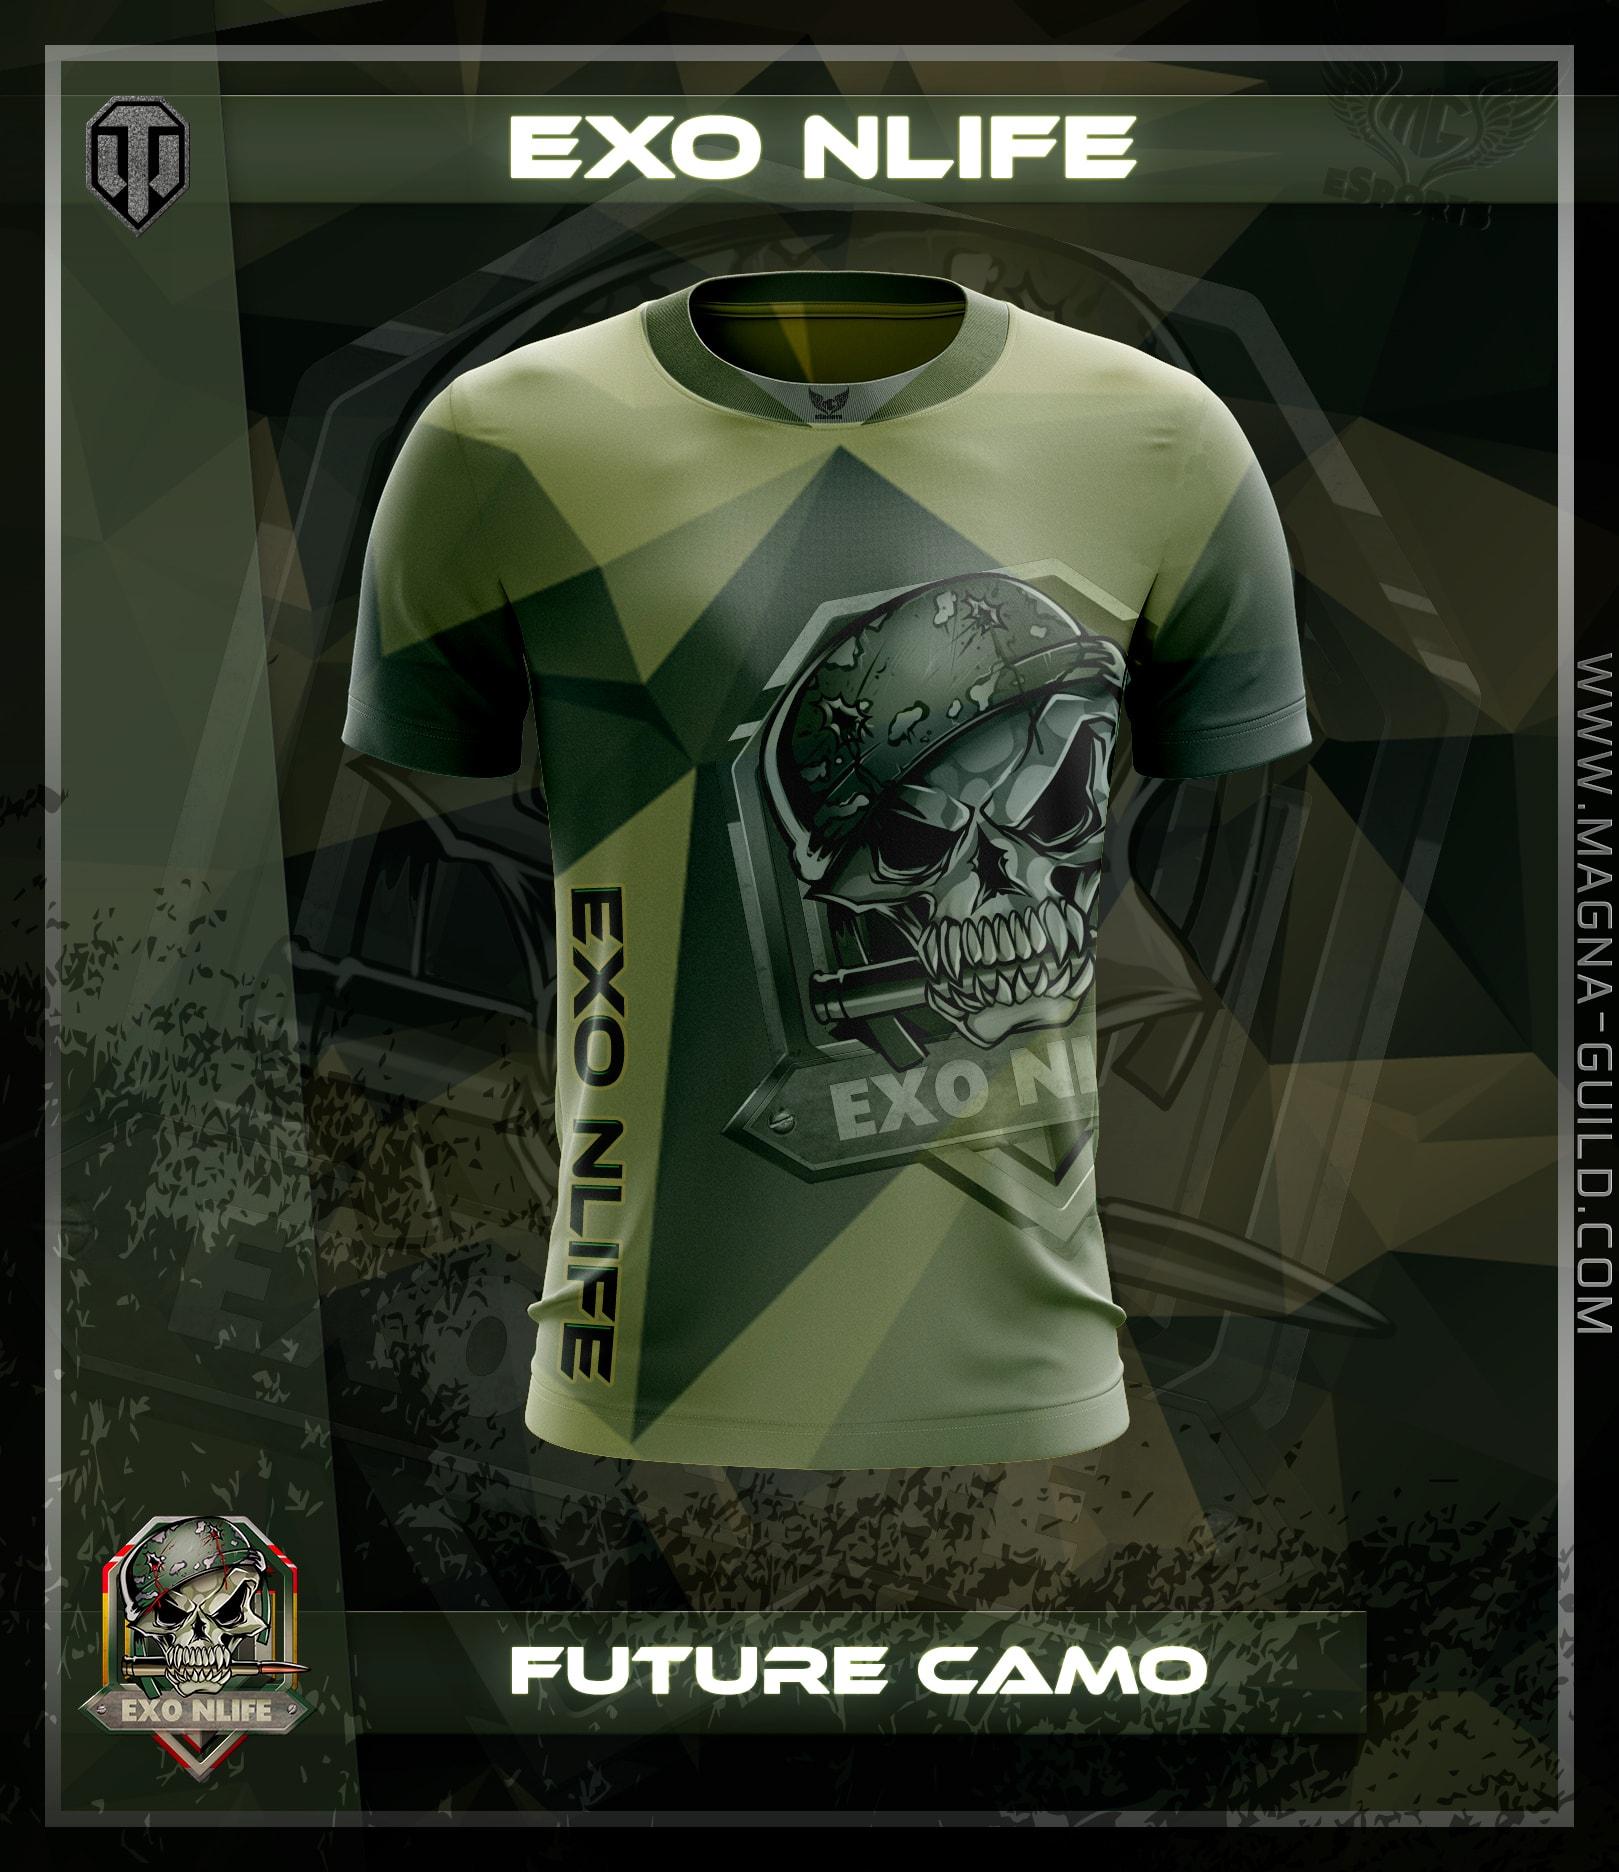 Future Camo